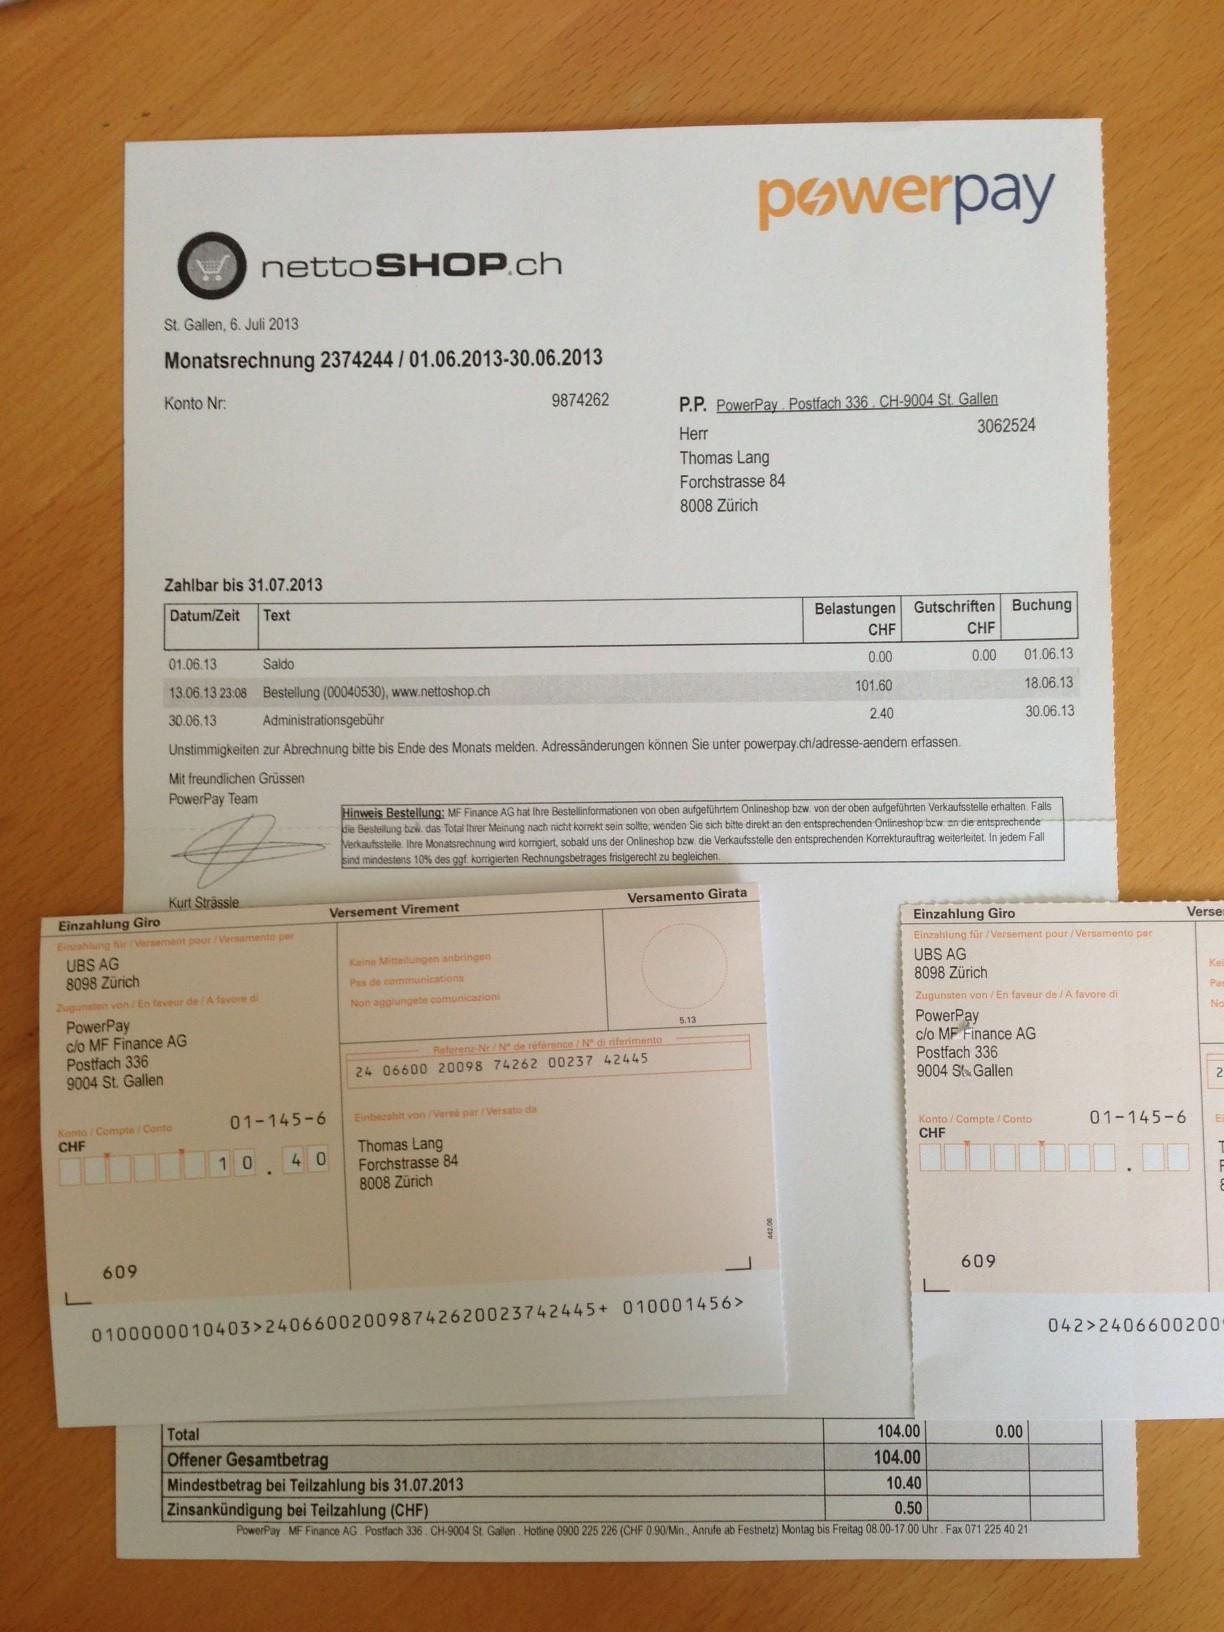 Rechnung von PowerPay (MF Finance AG) für Bestellung bei nettoshop.ch mit CHF 2.40 Administrationsgebühr, ohne Firmenname in der Adresse, ohne Bestellpositionen.